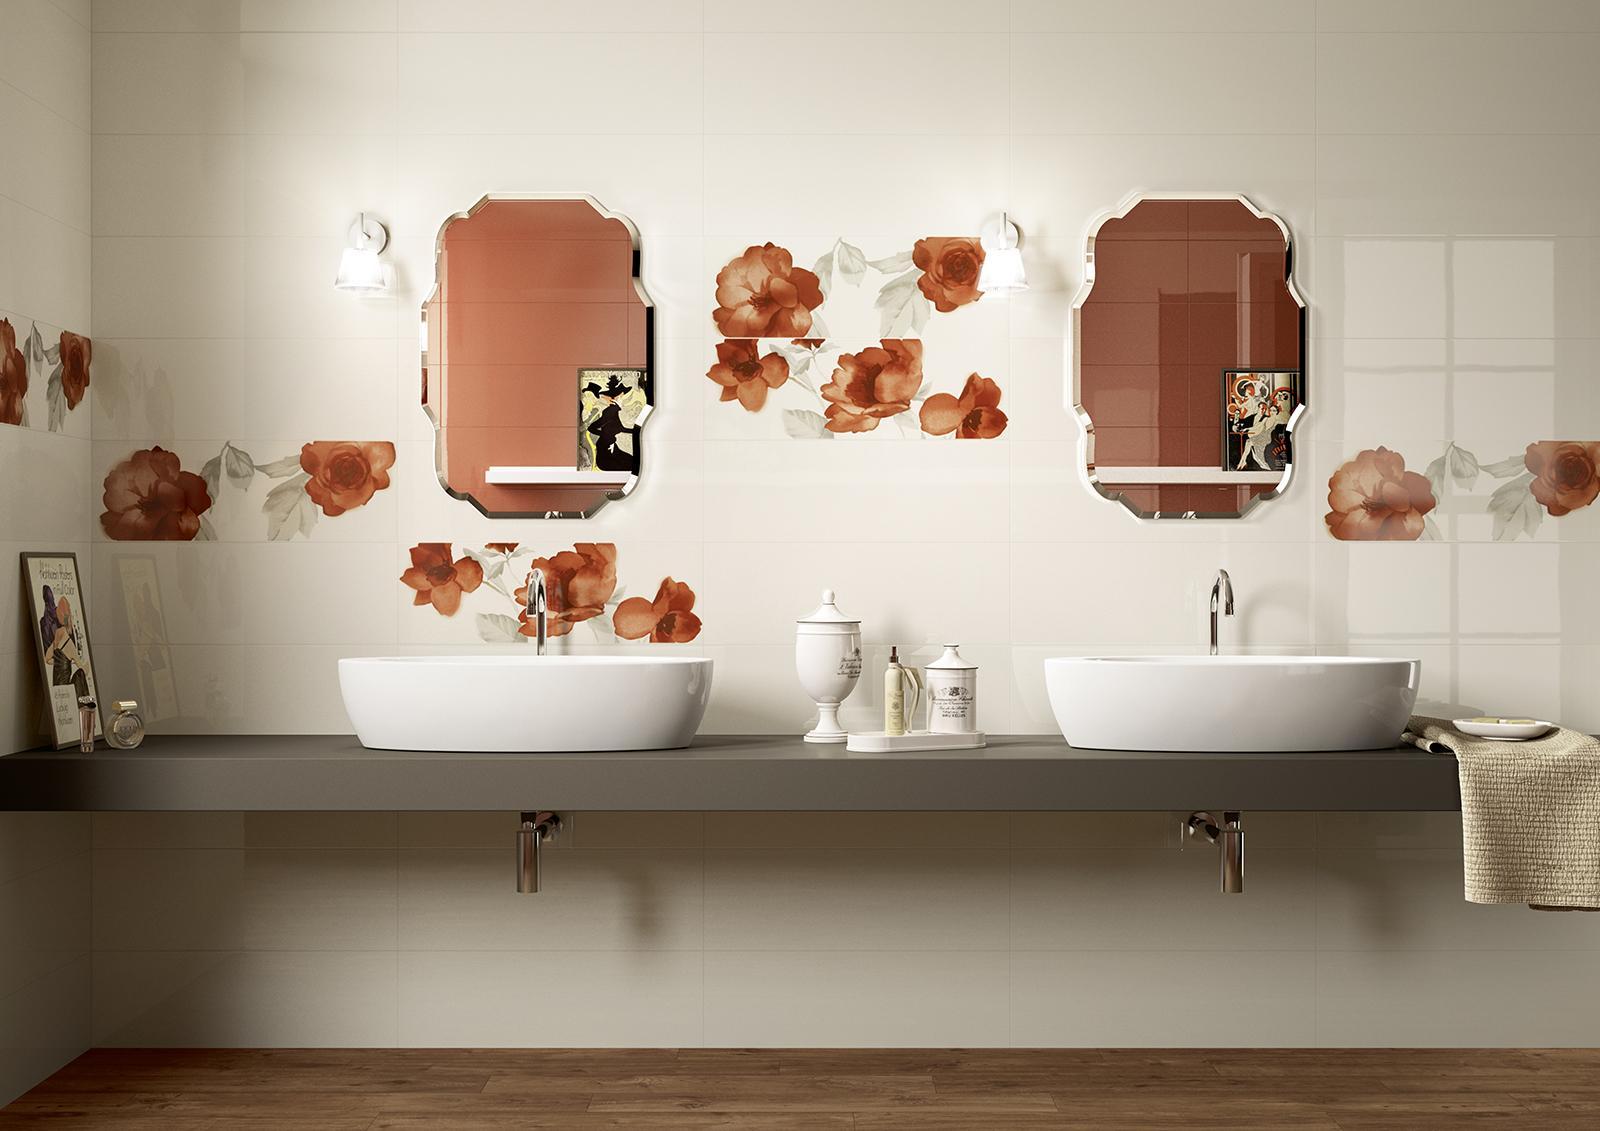 Colourline - Ceramica lucida rivestimento bagno | Marazzi